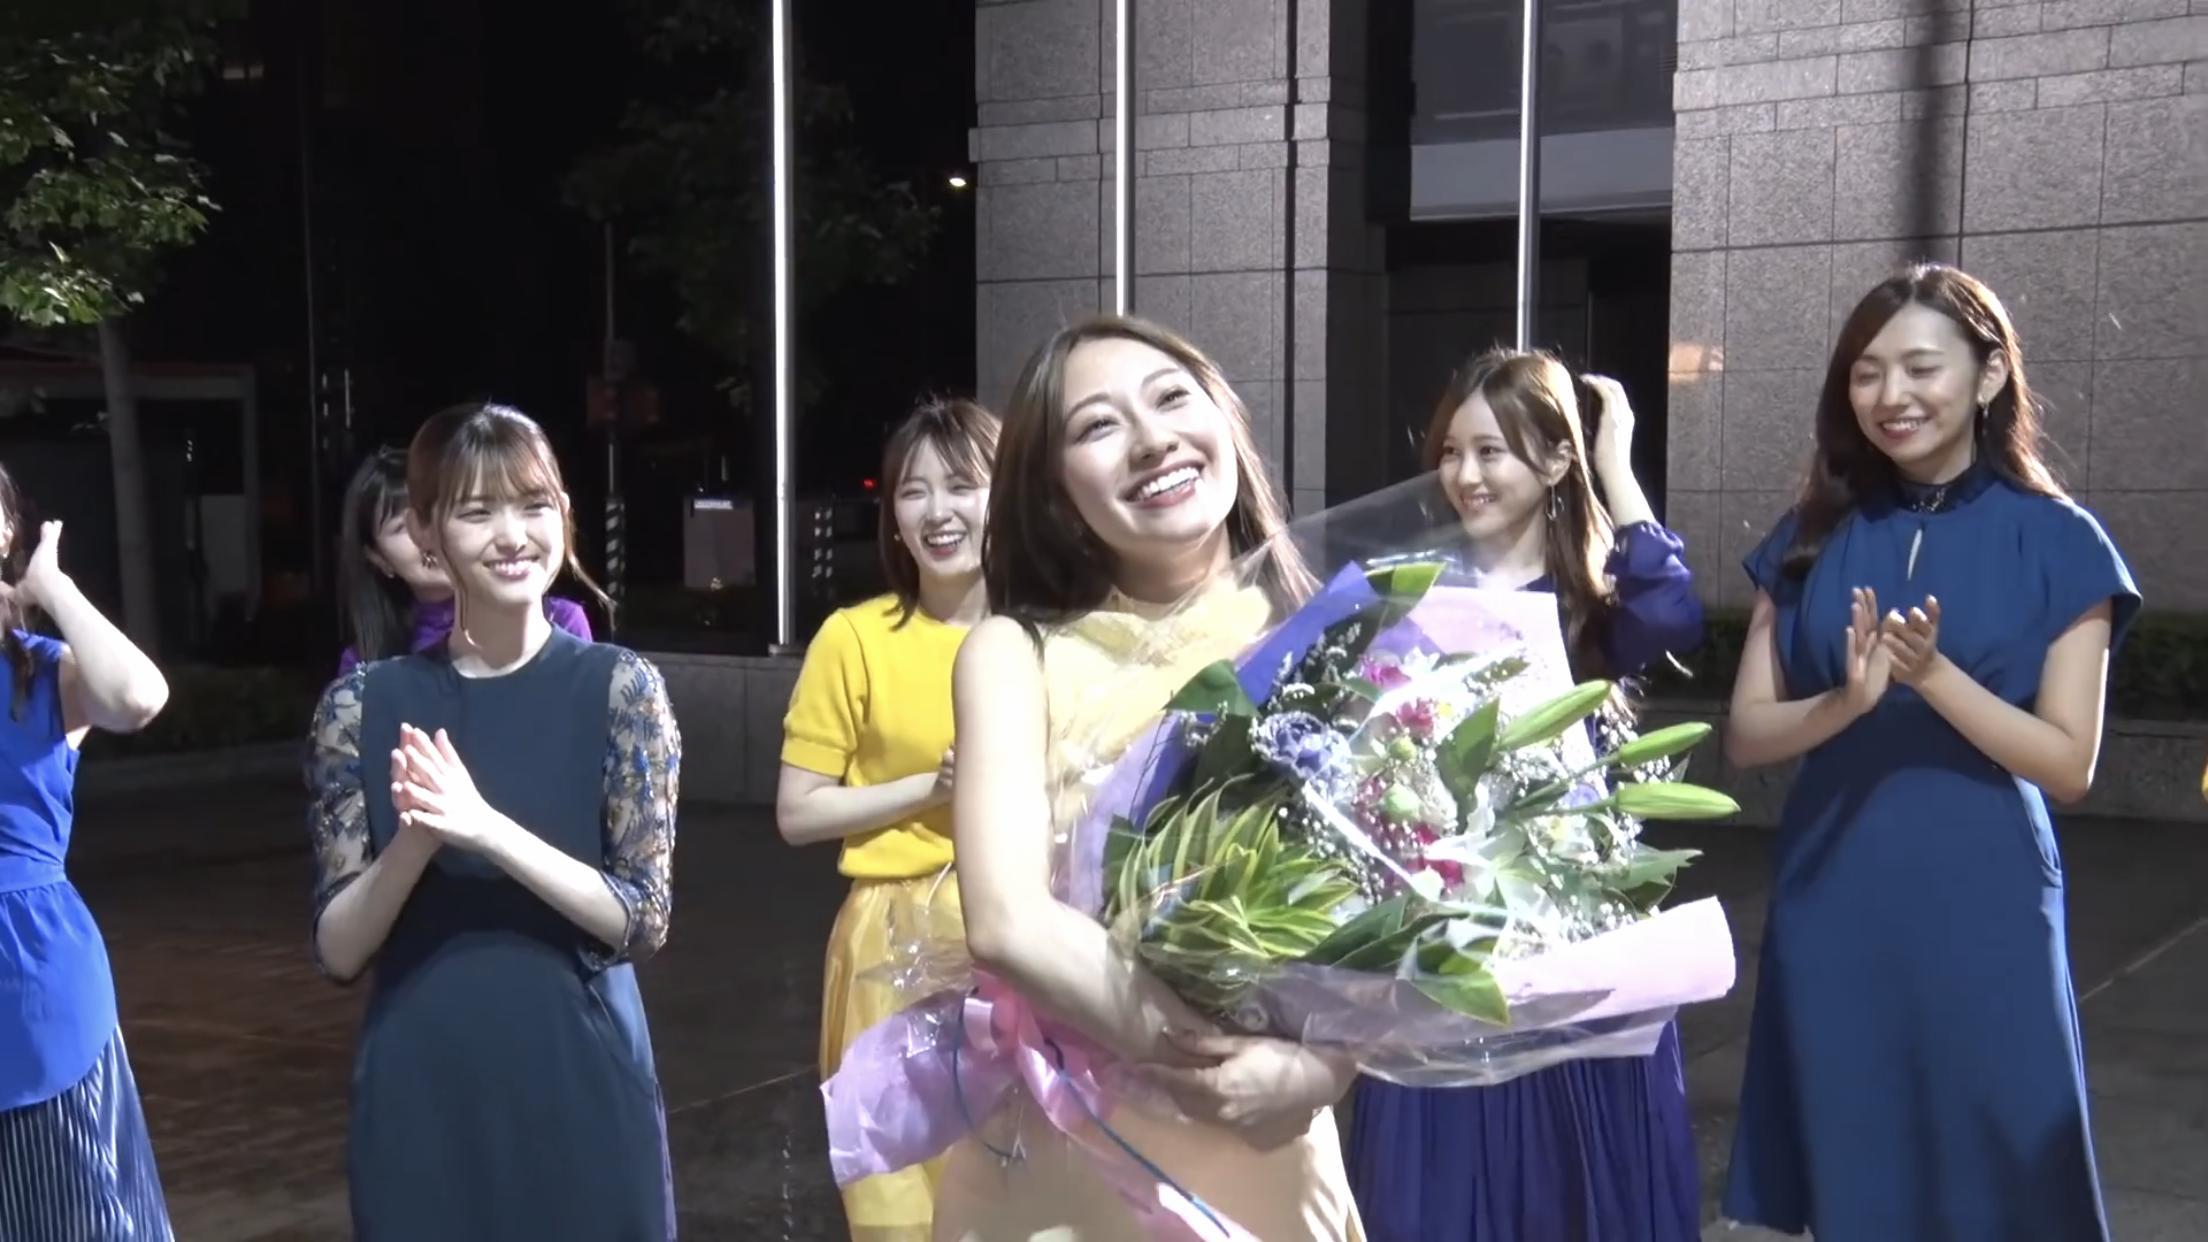 乃木坂46 『期別ドキュメンタリー』予告編 桜井玲香